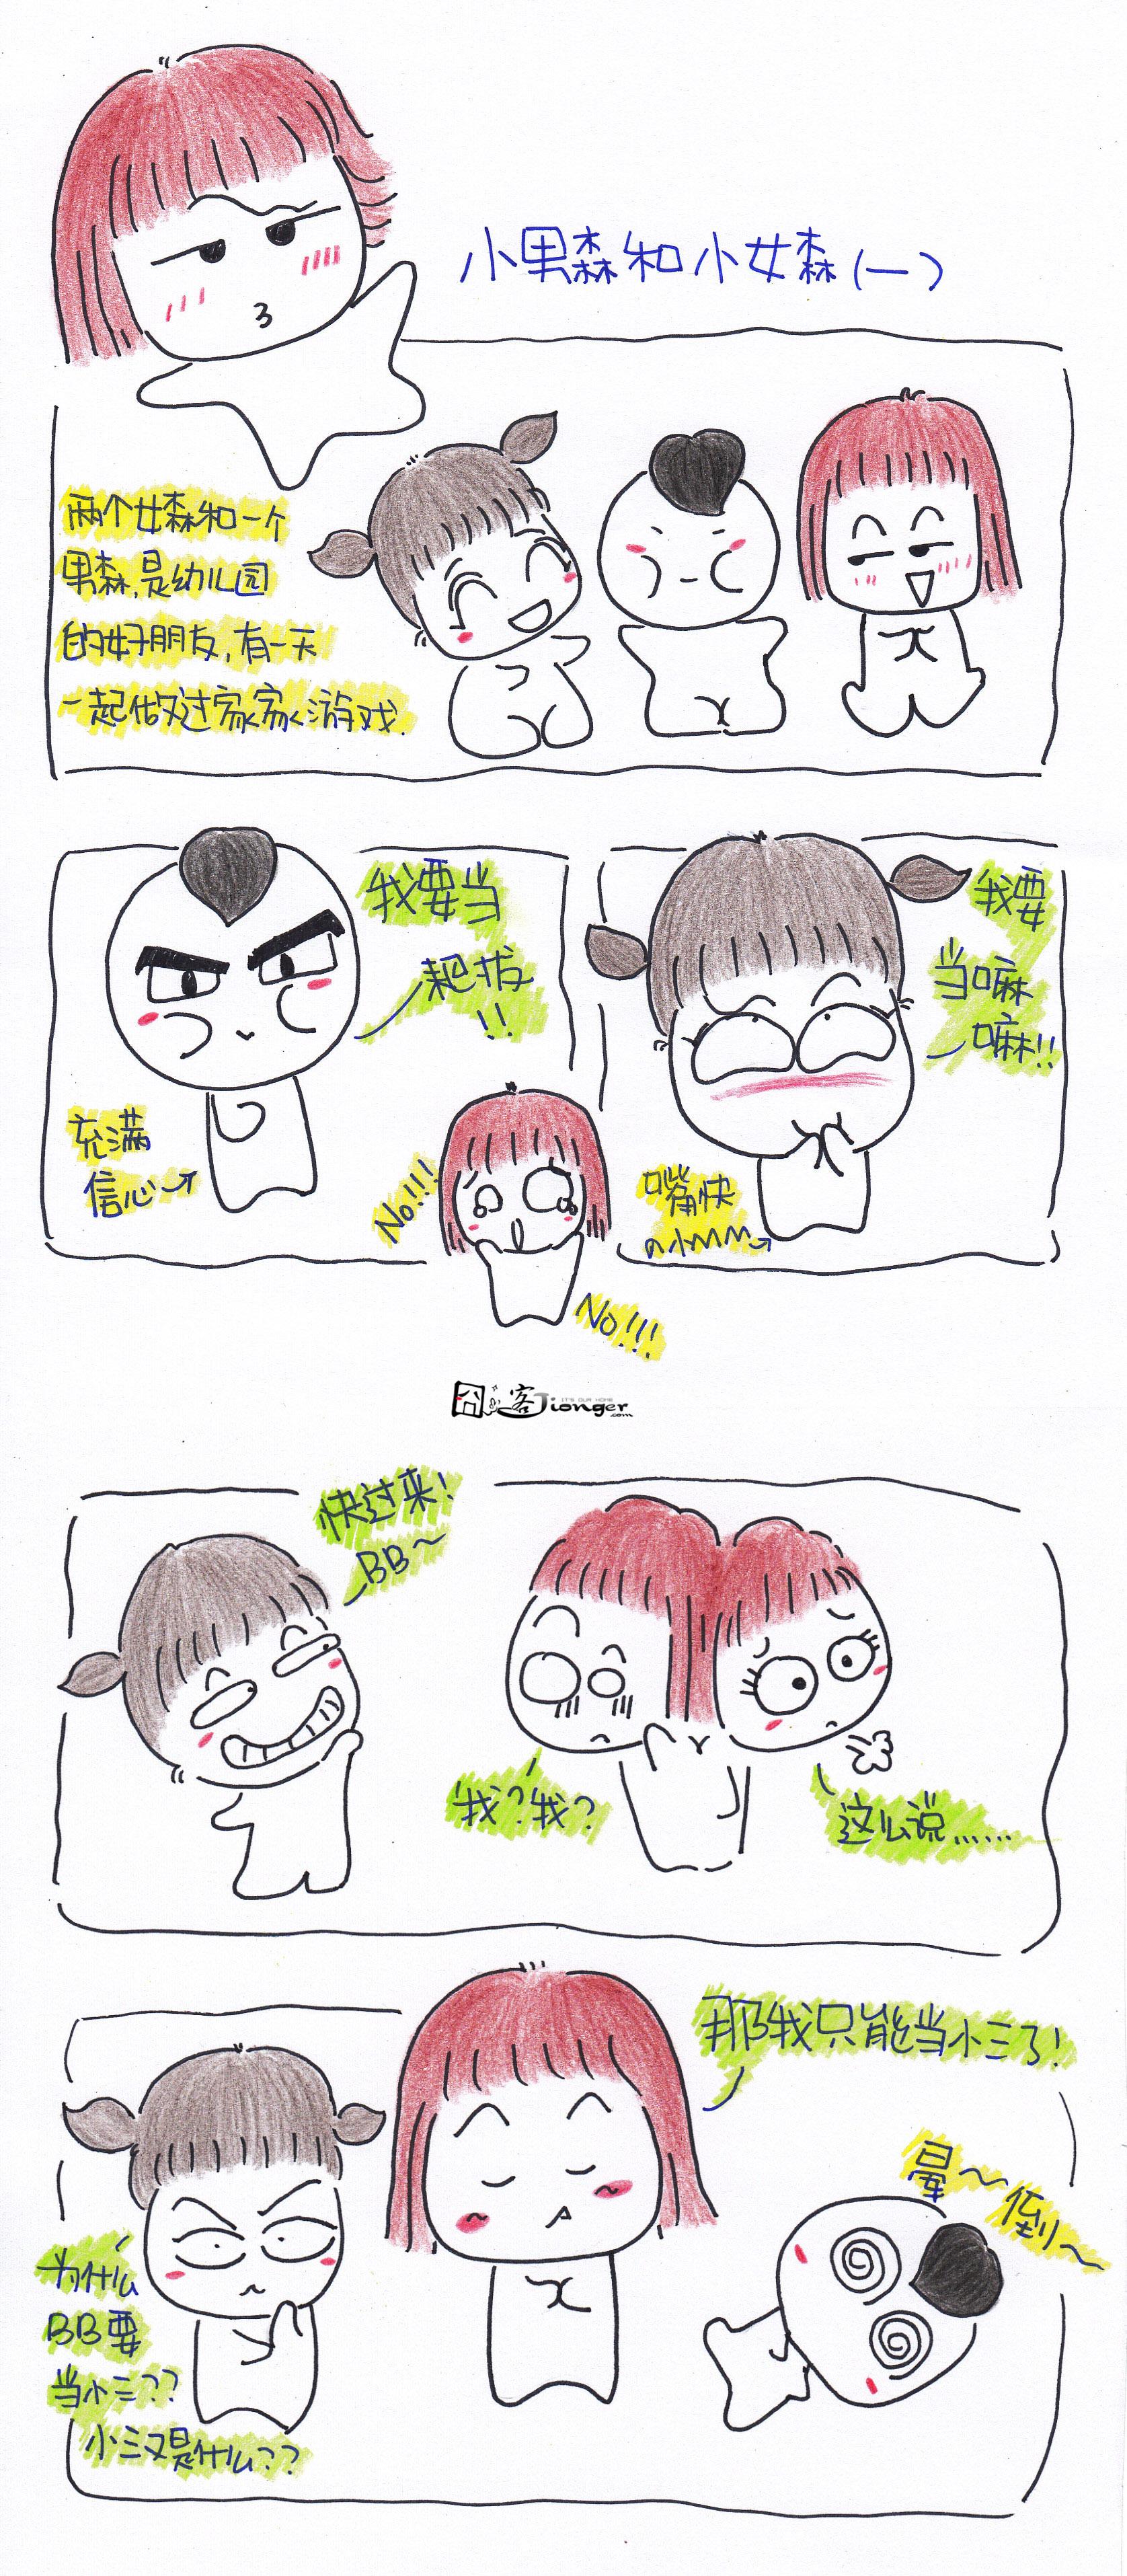 【囧客原创】小男森和小女森(一)_囧囧美猪-囧人囧事